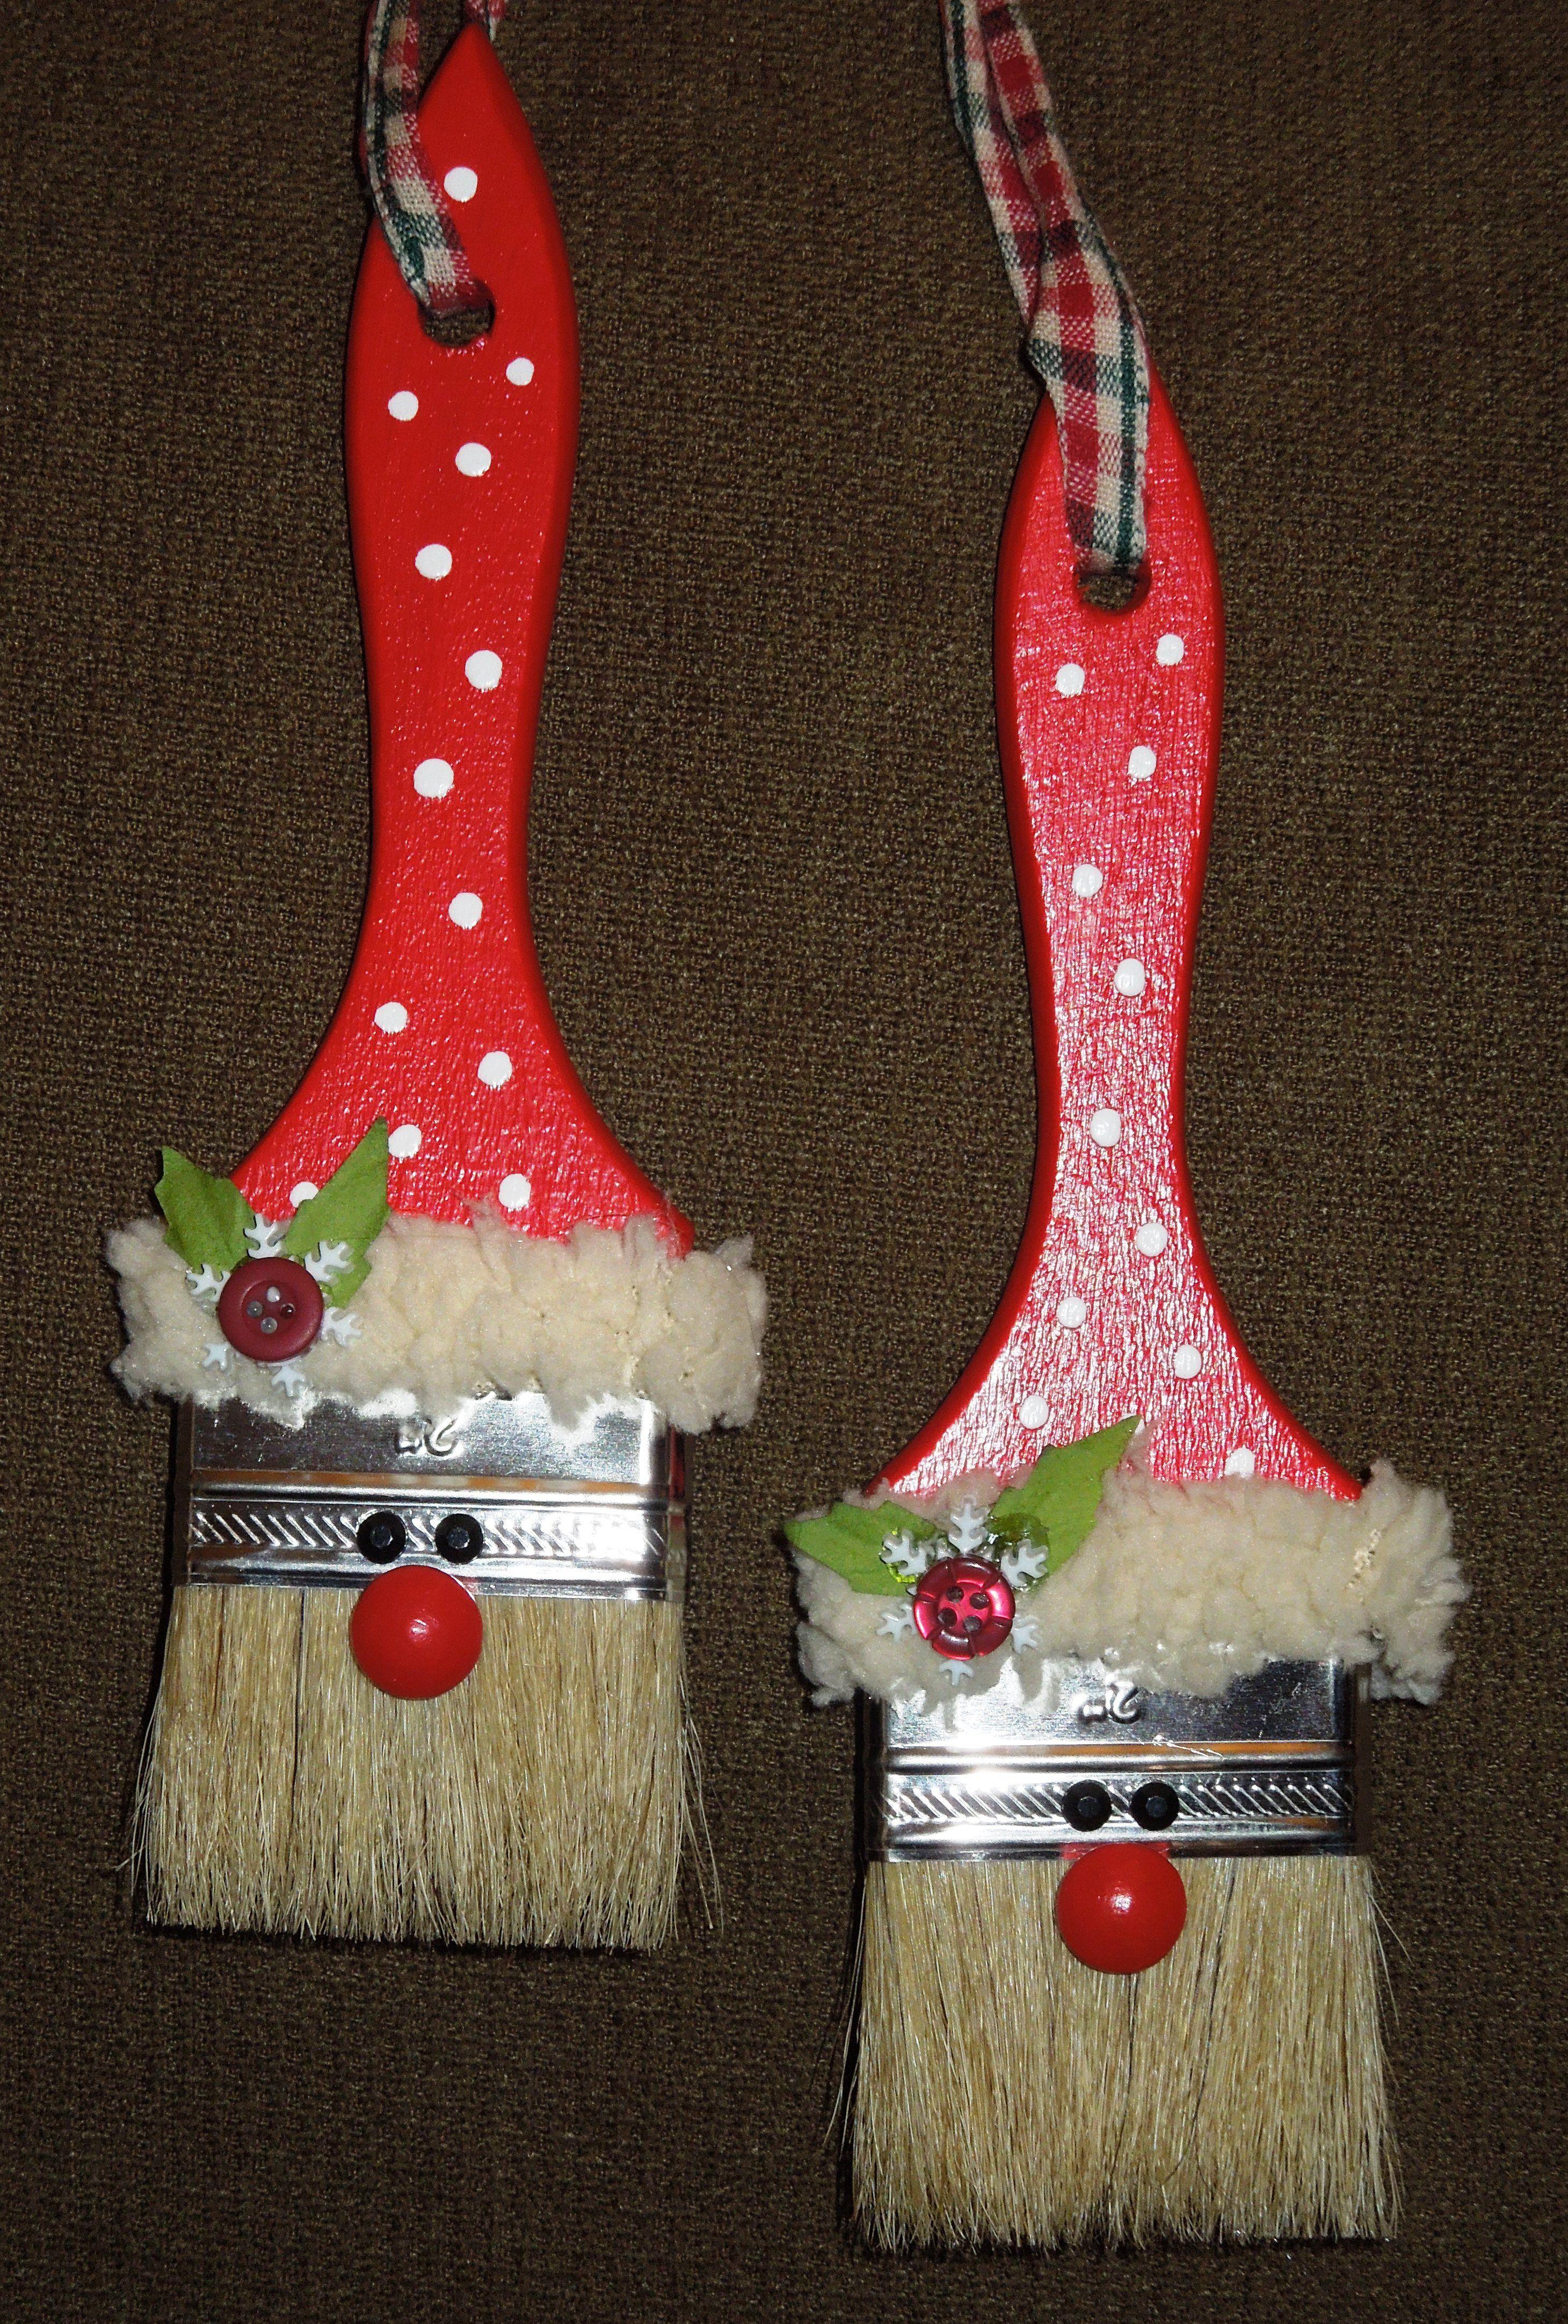 Weihnachtsdeko Verkaufen.Weihnachten Deko Aus Pinsel Weihnachtsmarkt Weihnachtsmann